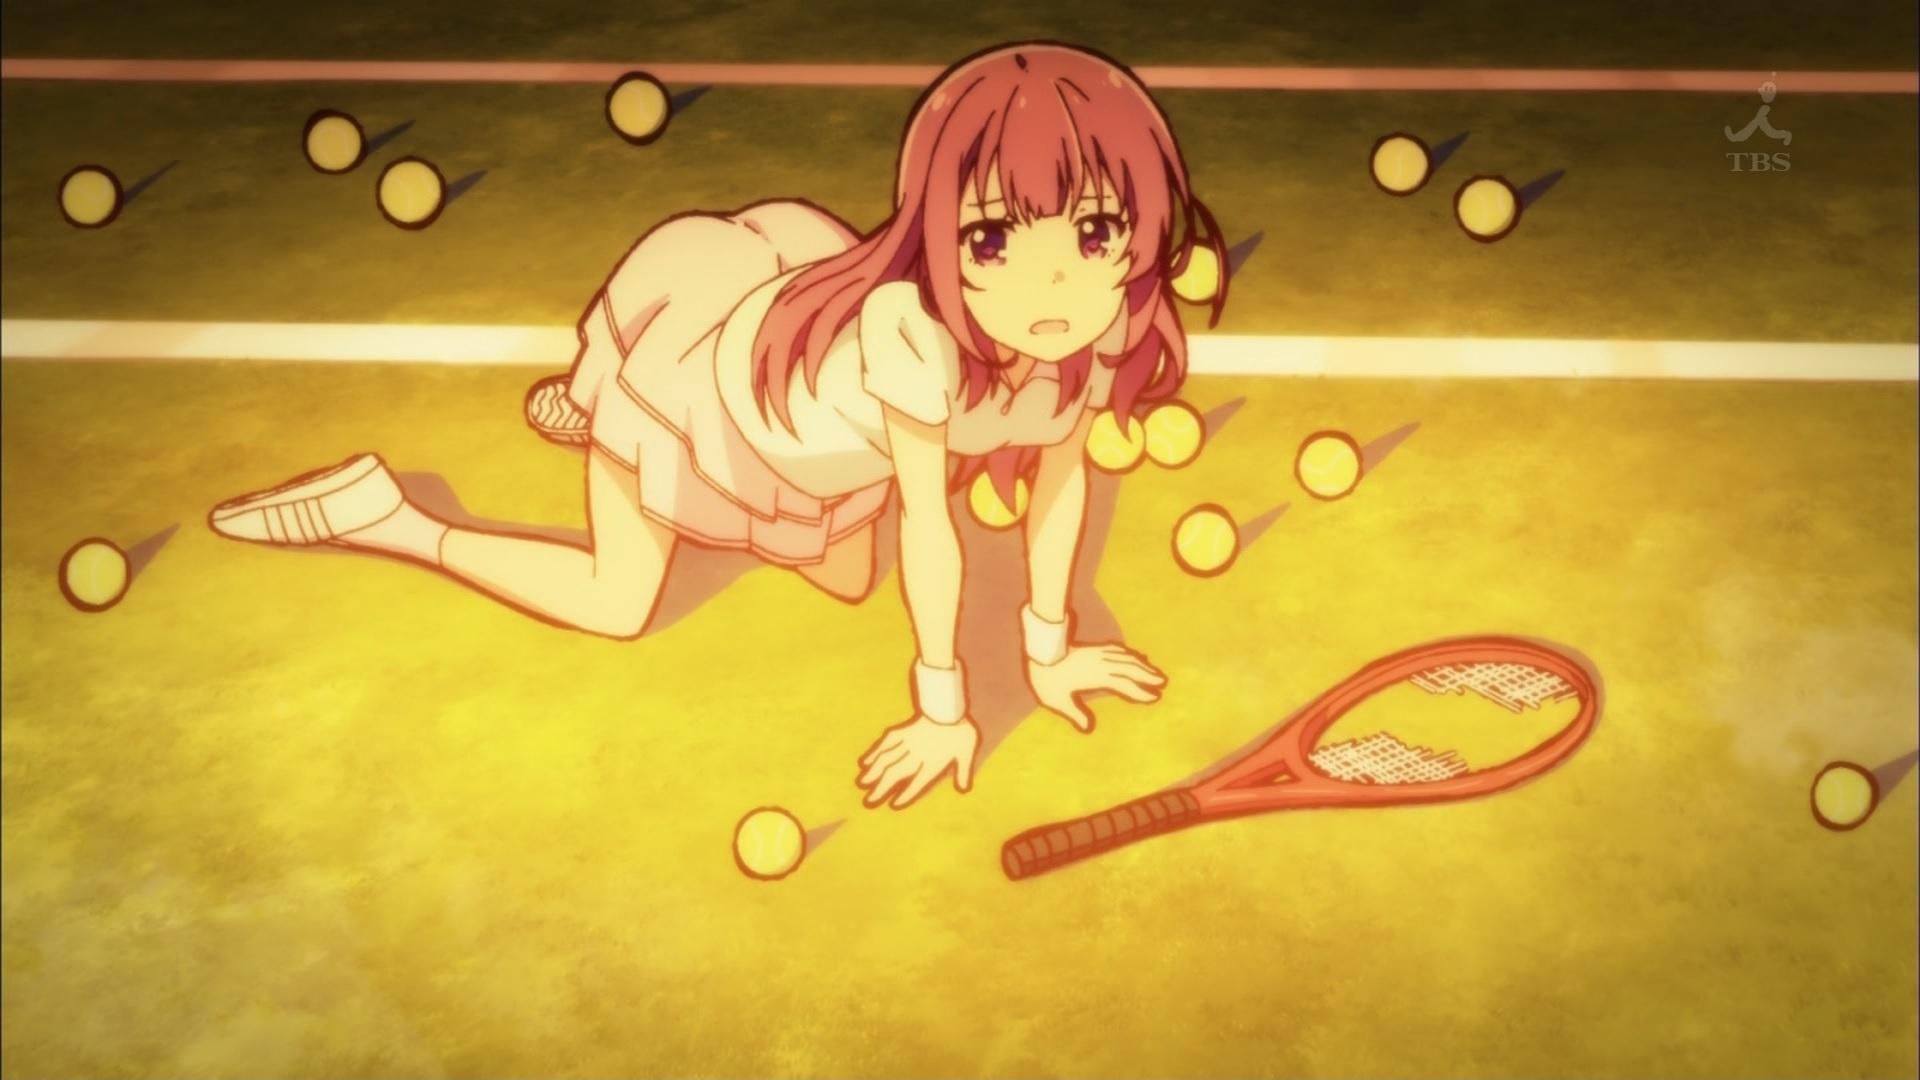 テニスウェアの烏丸千歳(第10話画像)